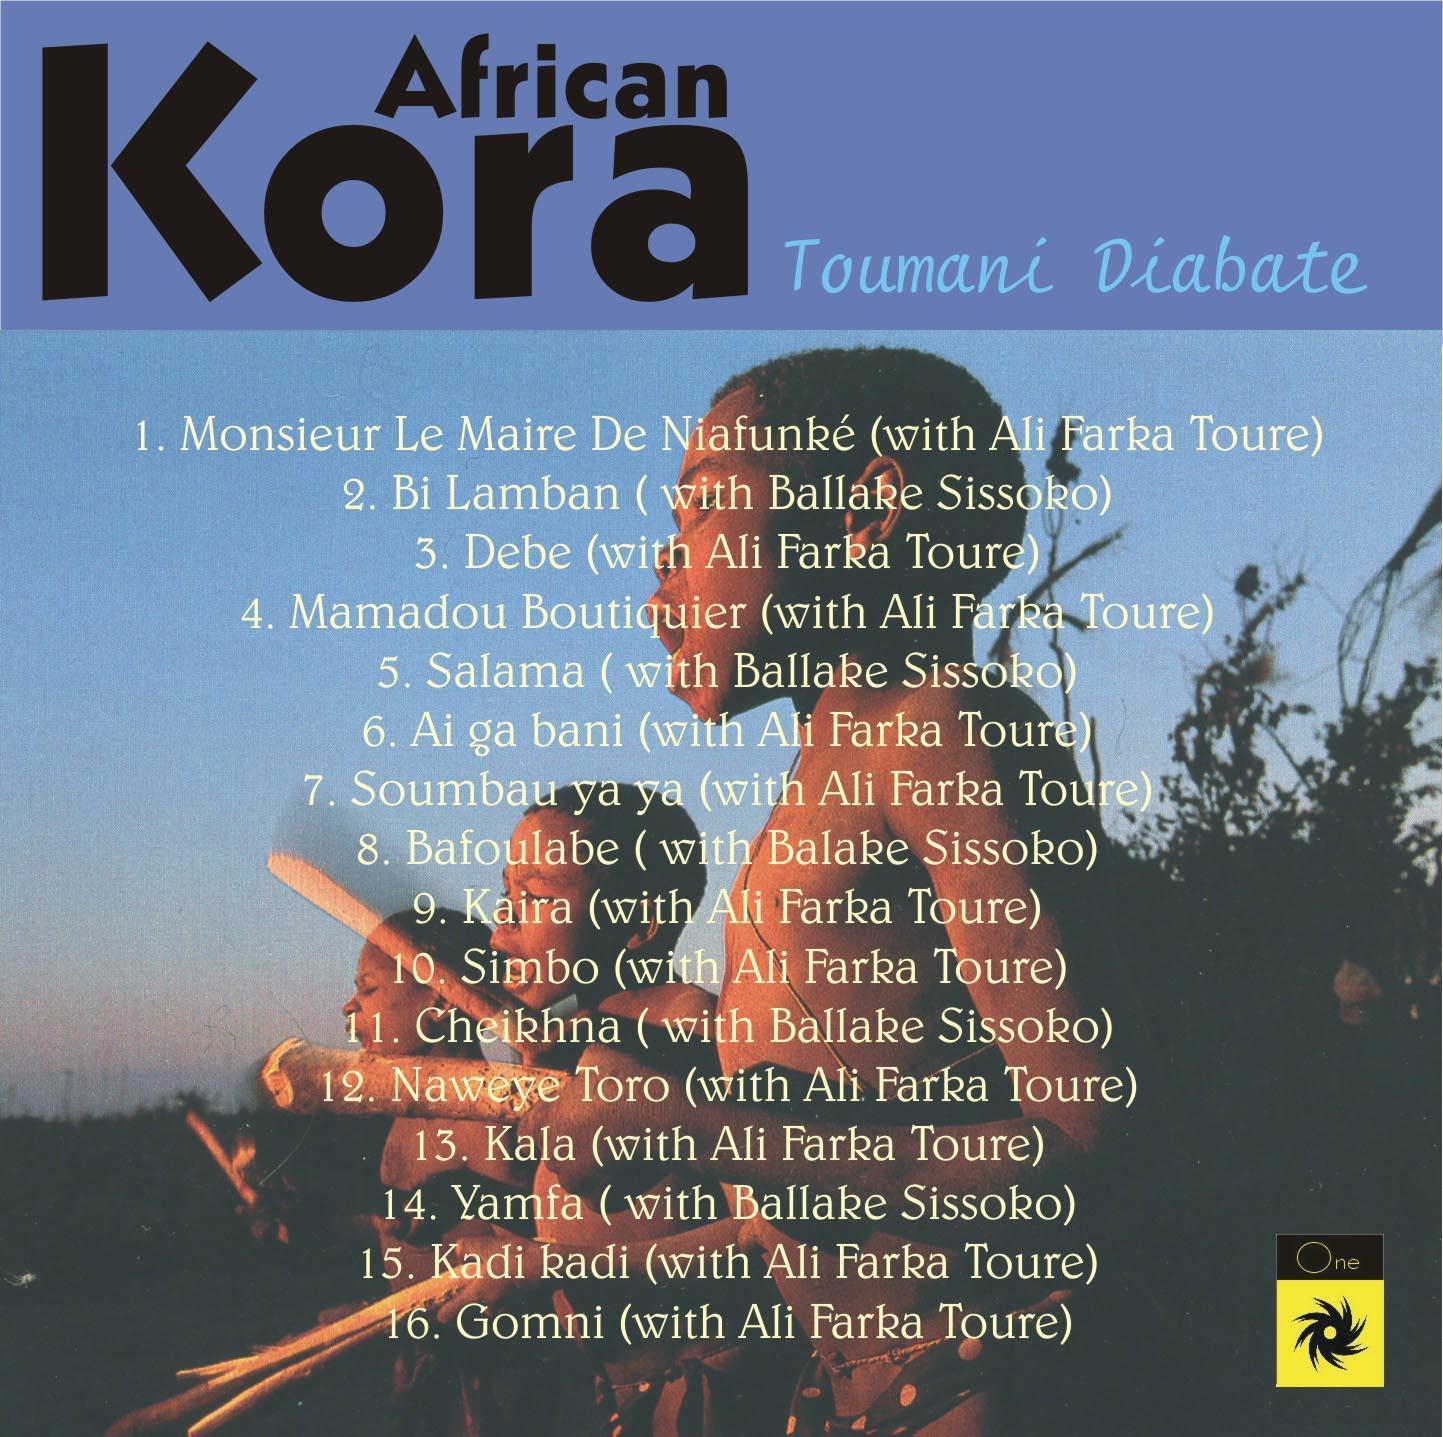 AFRICAN KORA MUSIC - TOUMANI DIABATE